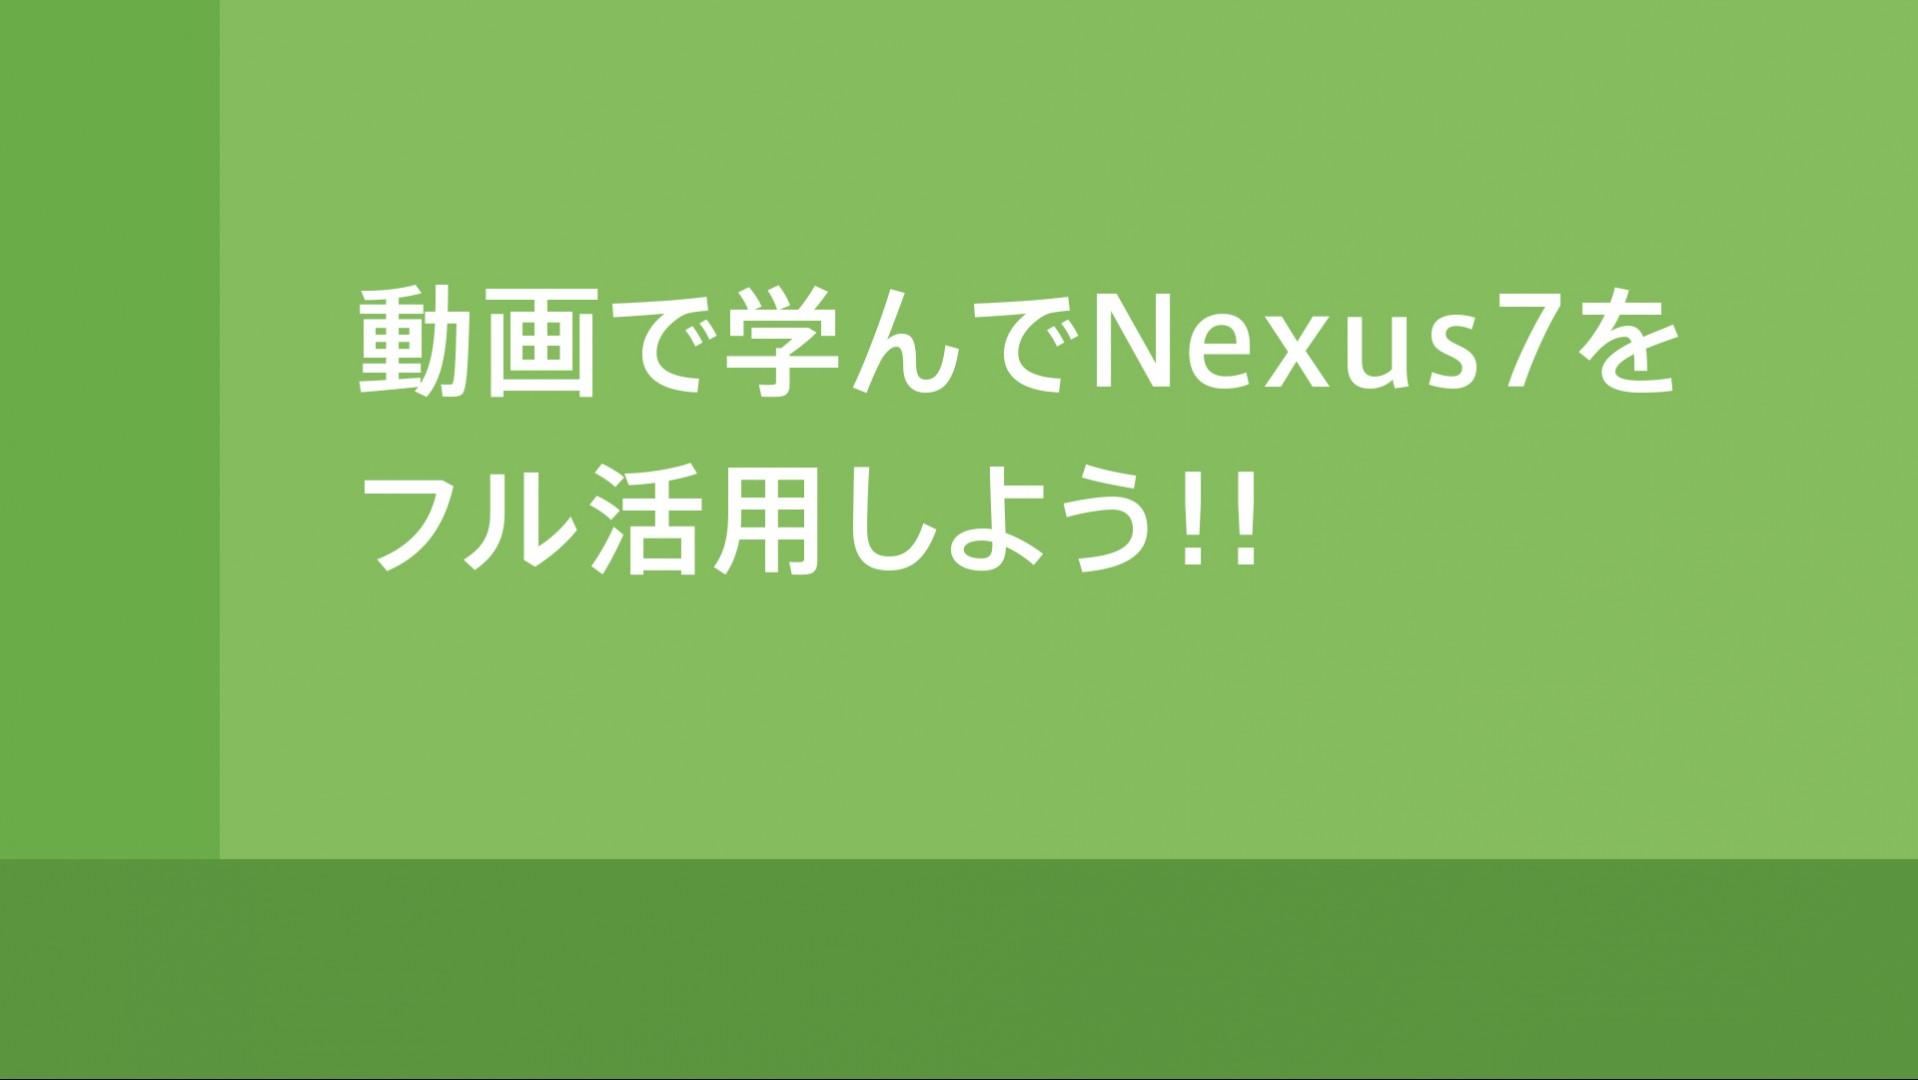 GoogleChrome アカウントを同期する Nexus7 使い方